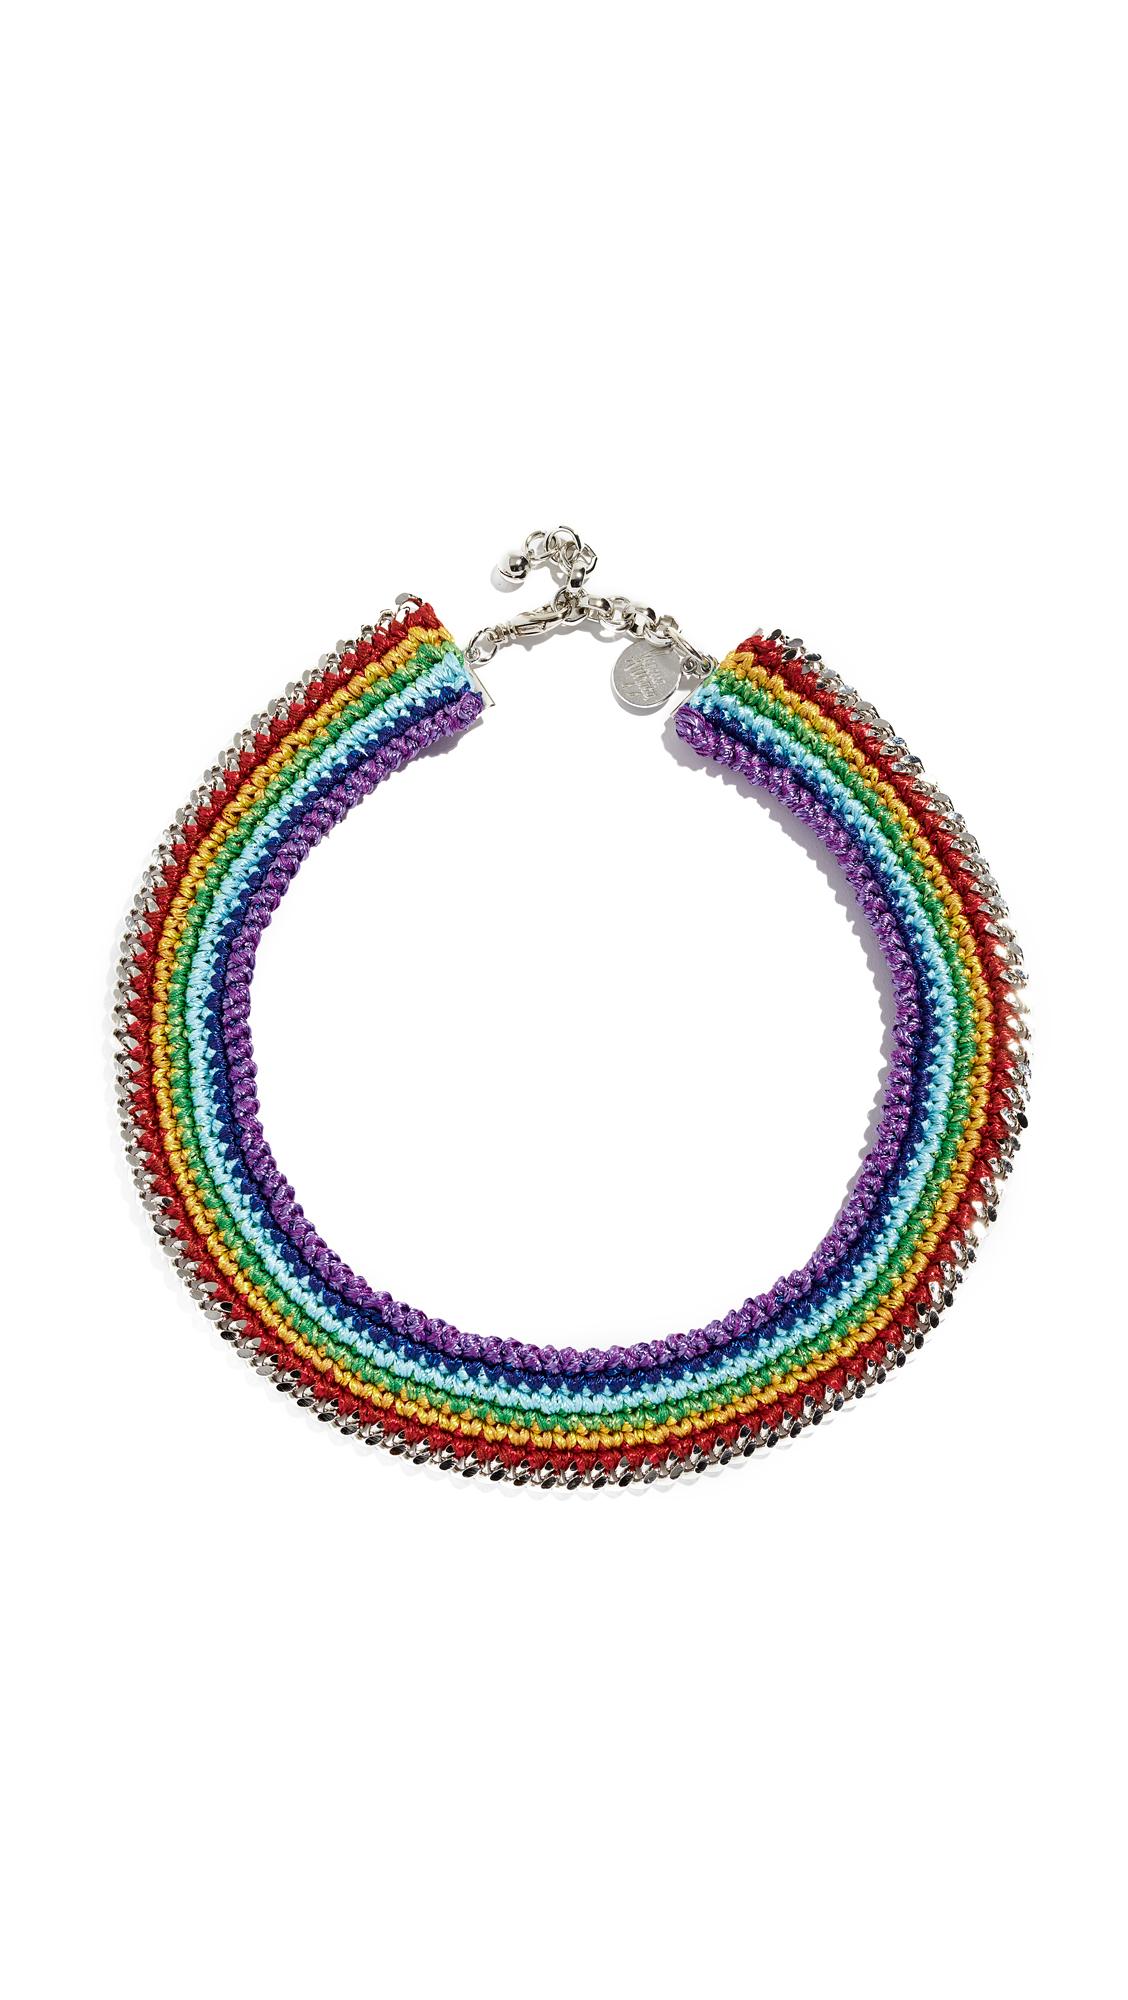 VENESSA ARIZAGA Chasing Rainbow Necklace in Multi